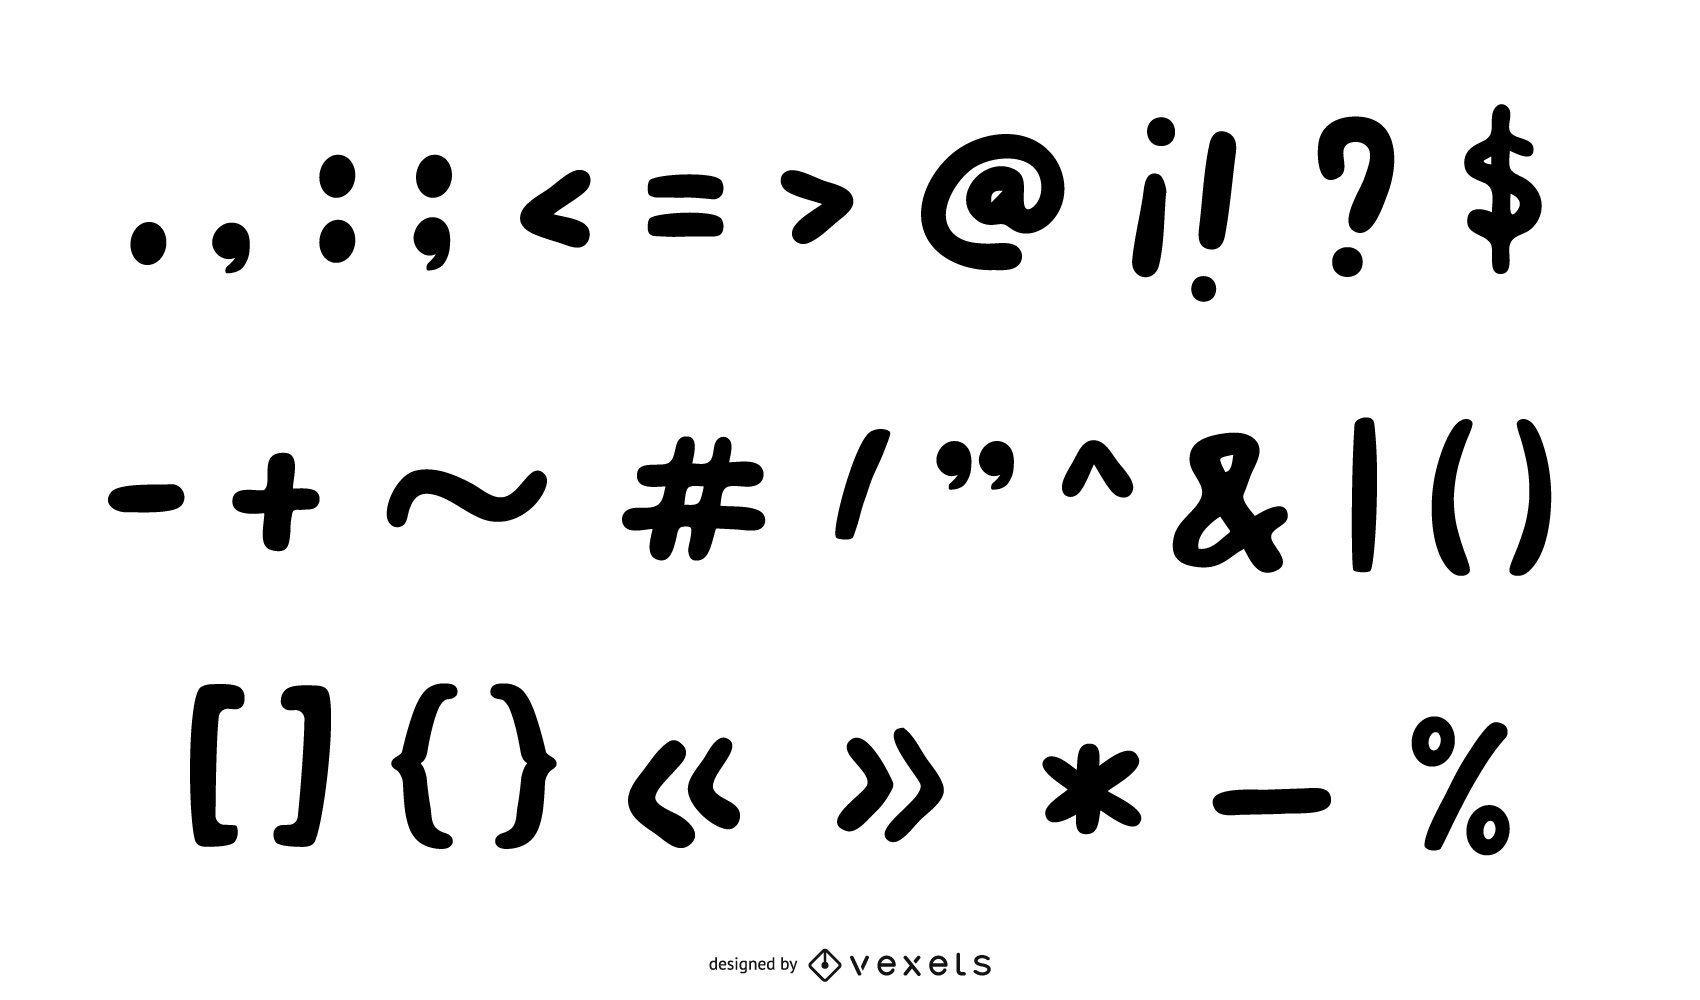 Colección Doodle Black Punctuation Mark